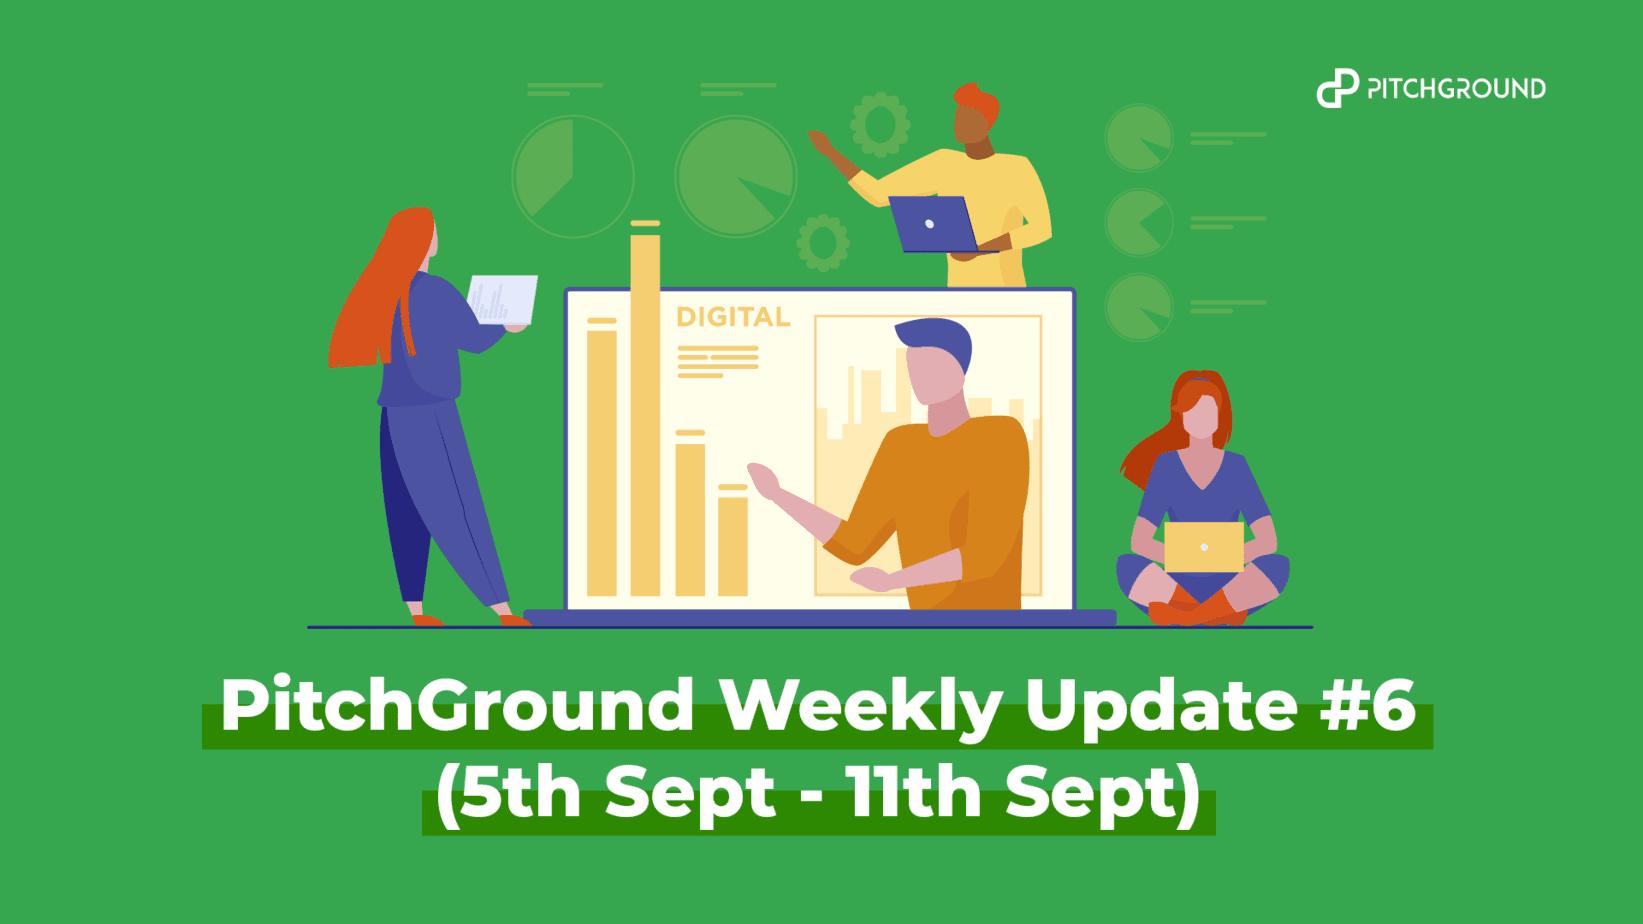 PitchGround Weekly